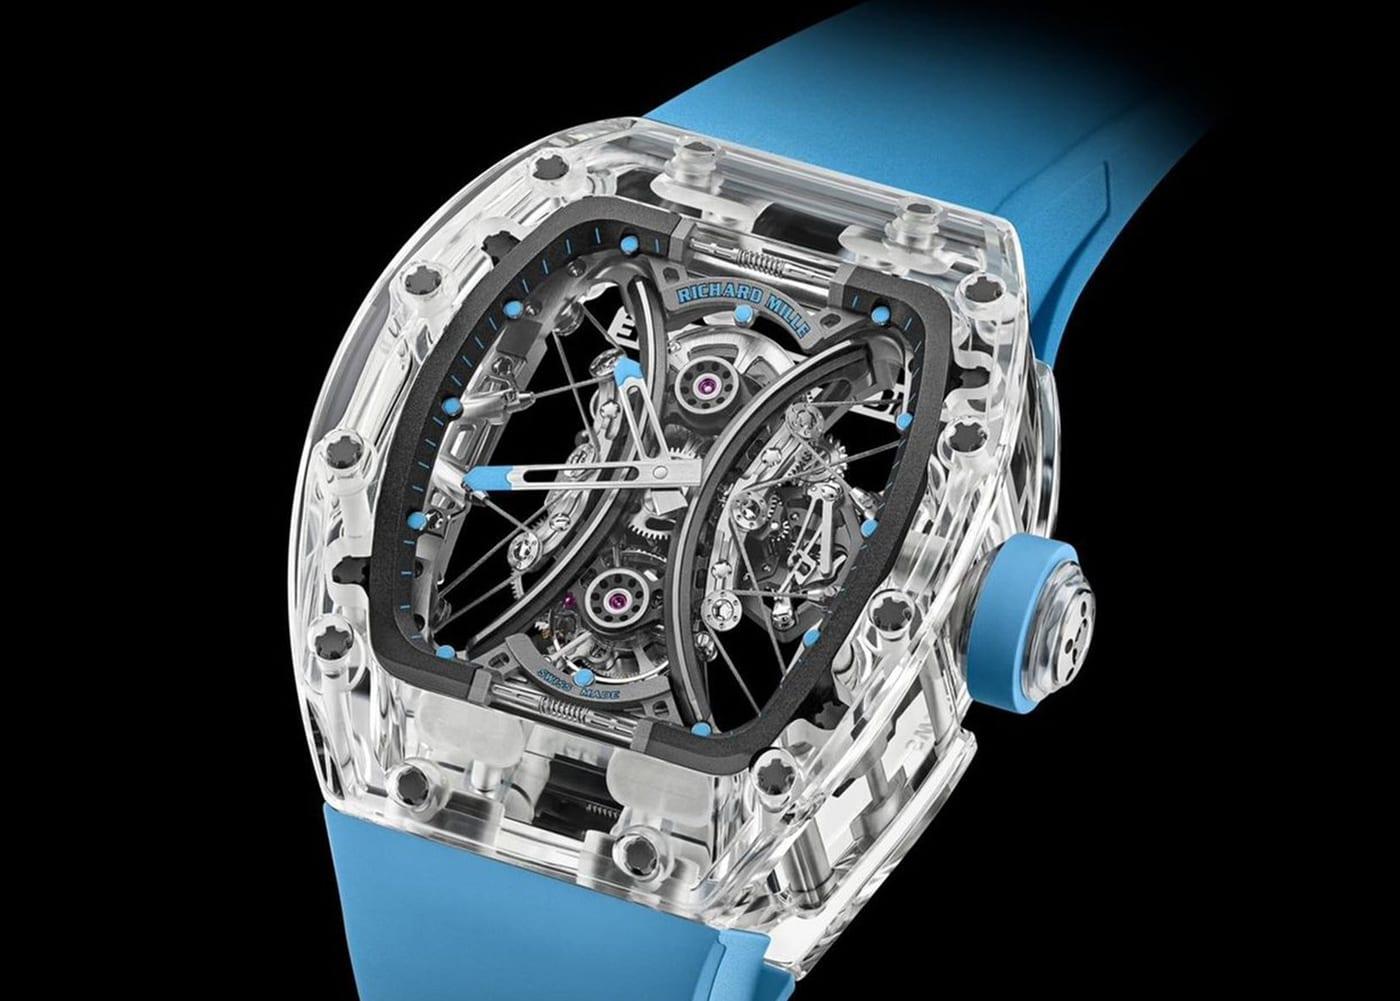 """Richard Mille RM 53-02 Tourbillon Sapphire: Một biểu hiện của sự """"vô định trong không trung"""" với sapphire"""